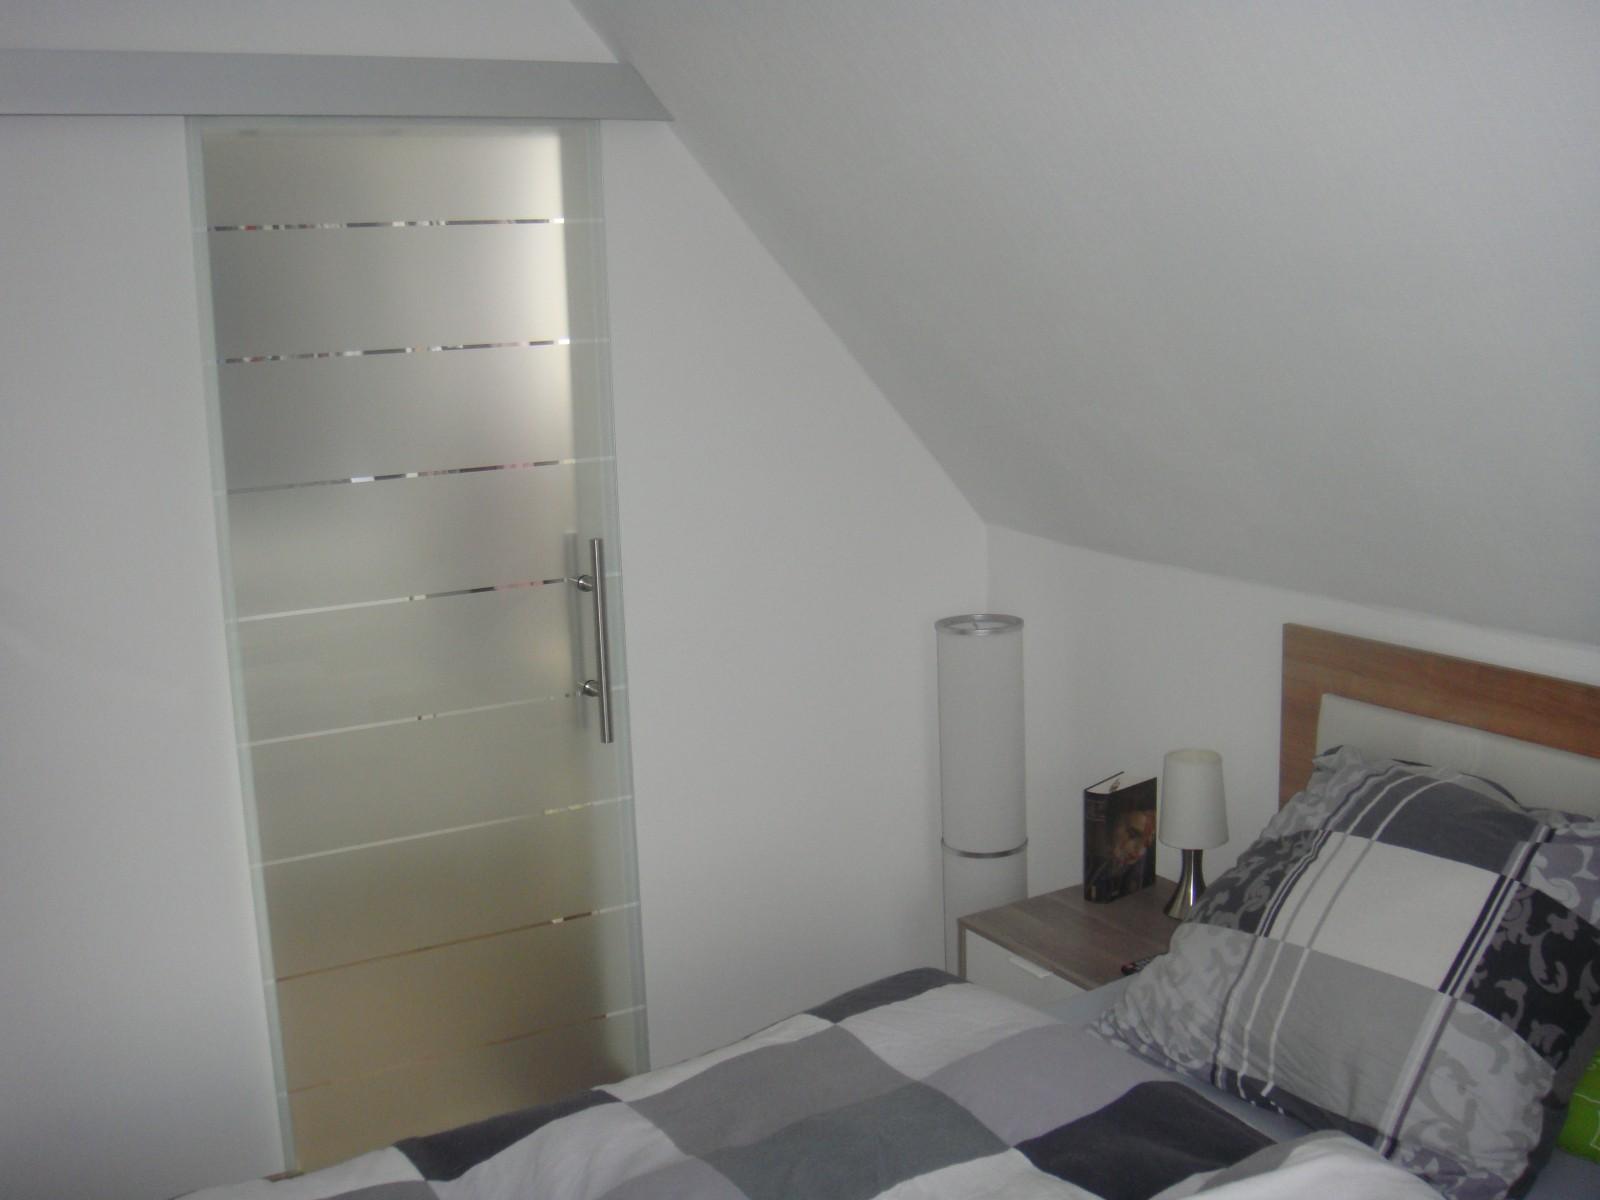 schlafzimmer 39 schlafzimmer kleiderschrank 39 papjurek 39 s. Black Bedroom Furniture Sets. Home Design Ideas